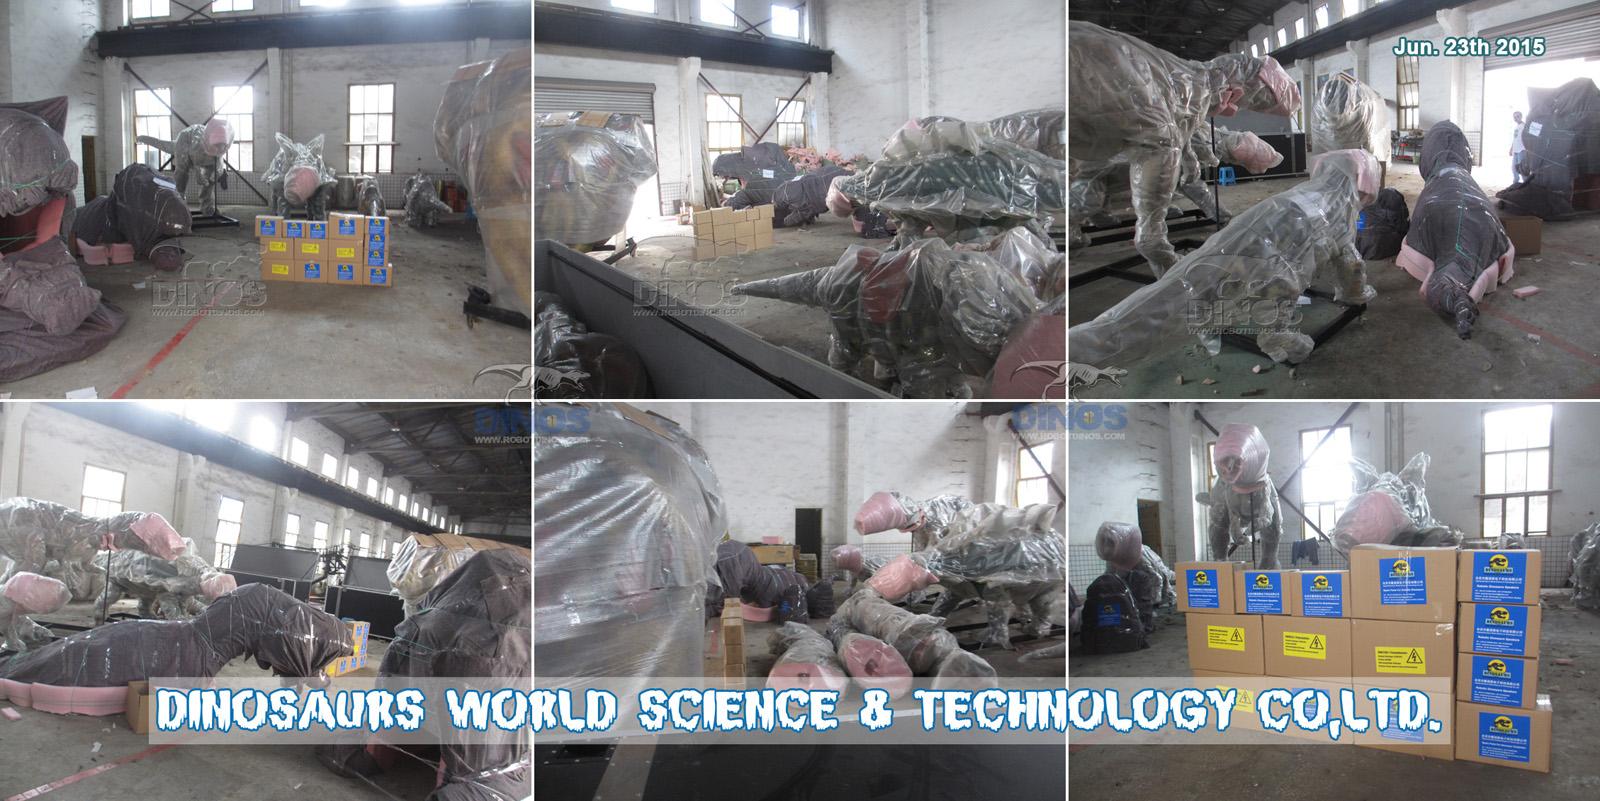 Sigurnost i profesionalno pakiranje za sve modele dinosaura 23. lipnja 2015